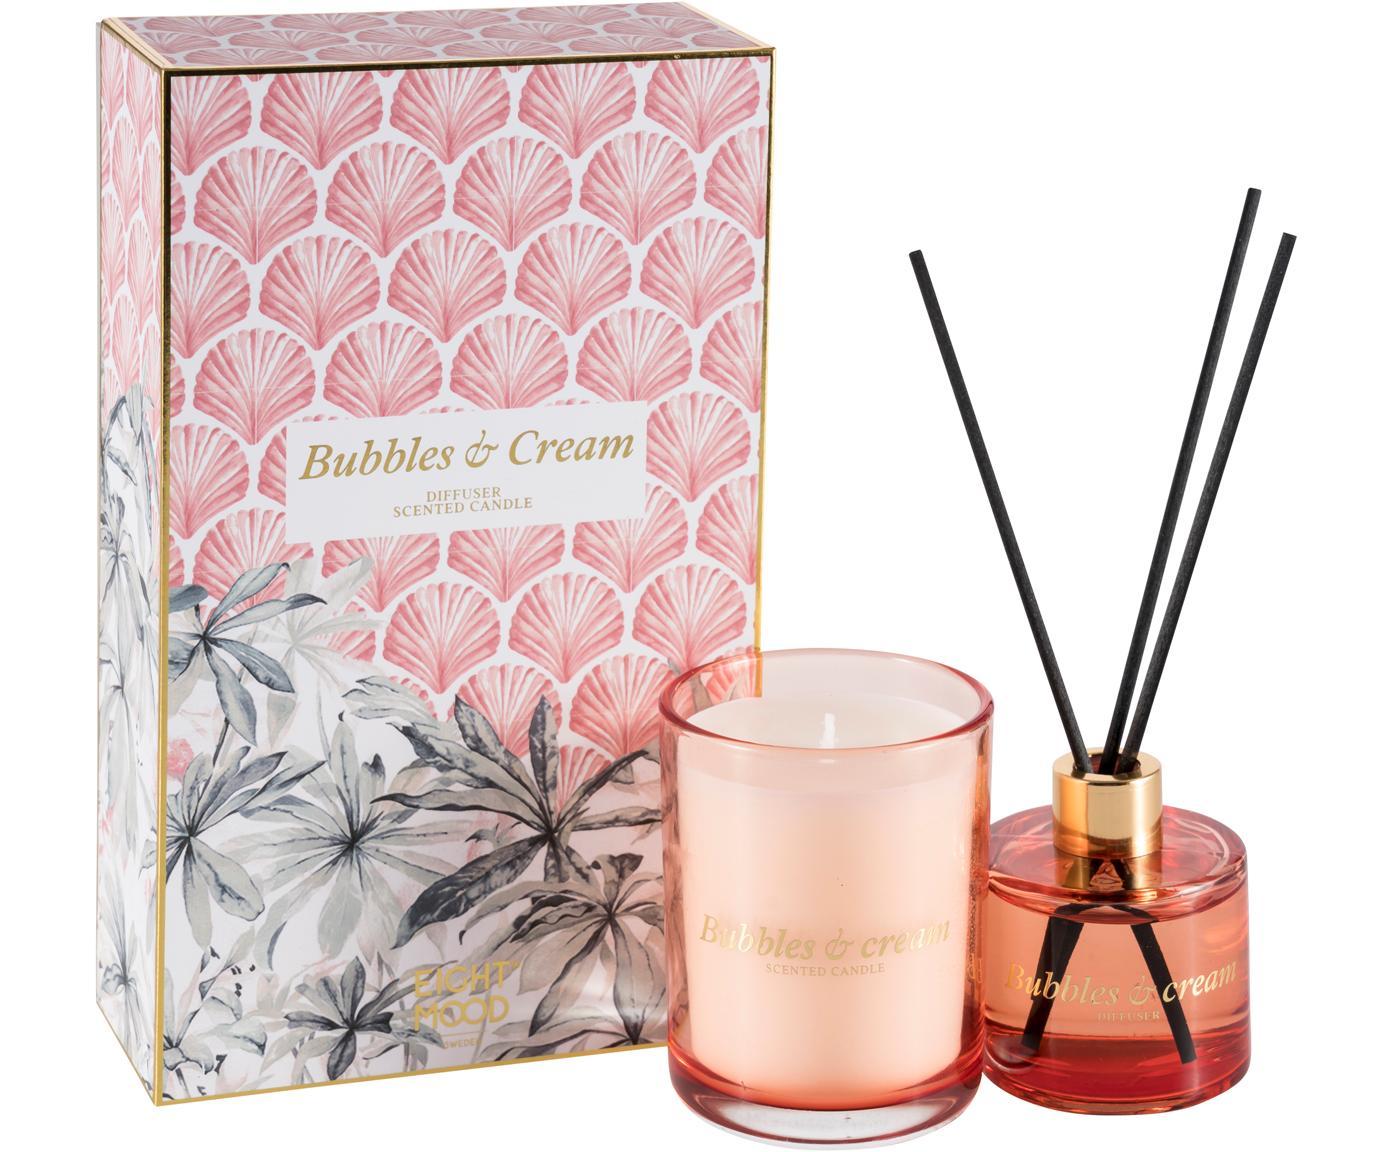 Diffusore & candela profumata Allure (crema dolce), set di 2, Scatola: carta, Contenitore: vetro, Multicolore, Larg. 10 x Alt. 22 cm